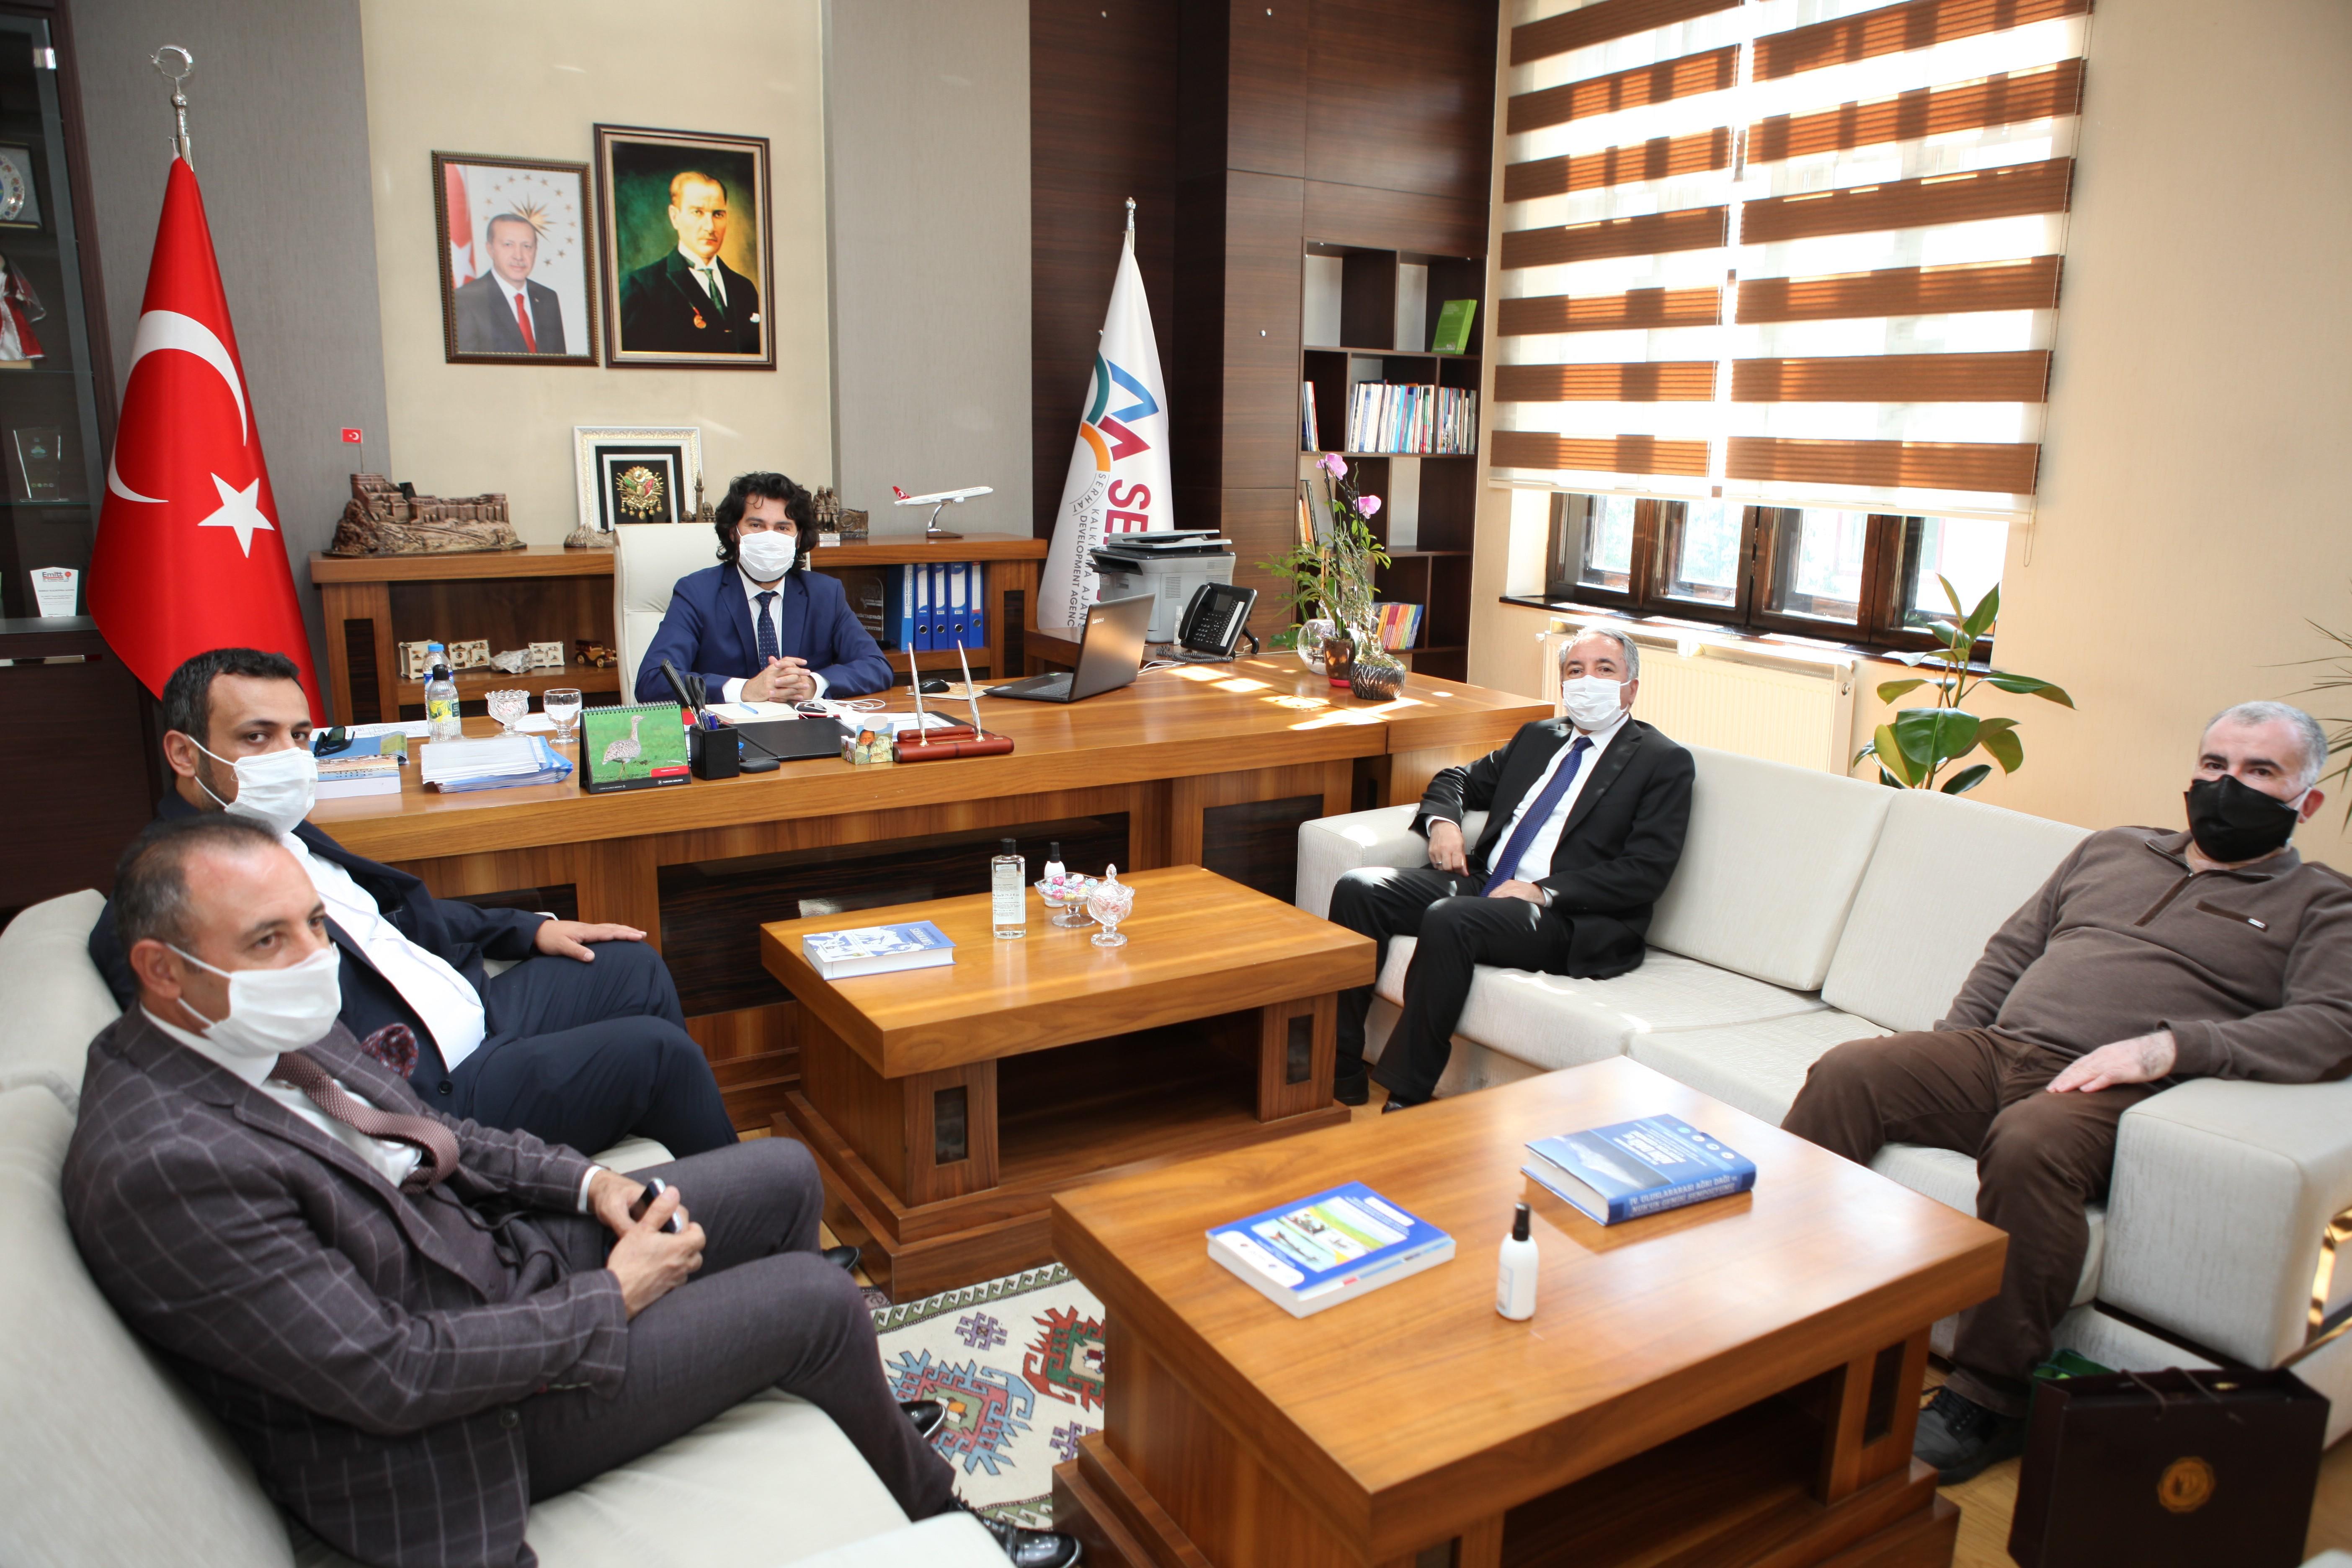 Rektör Karabulut, SERKA Genel Sekreteri Taşdemir'i ziyaret etti ve sözleşme imzaladı